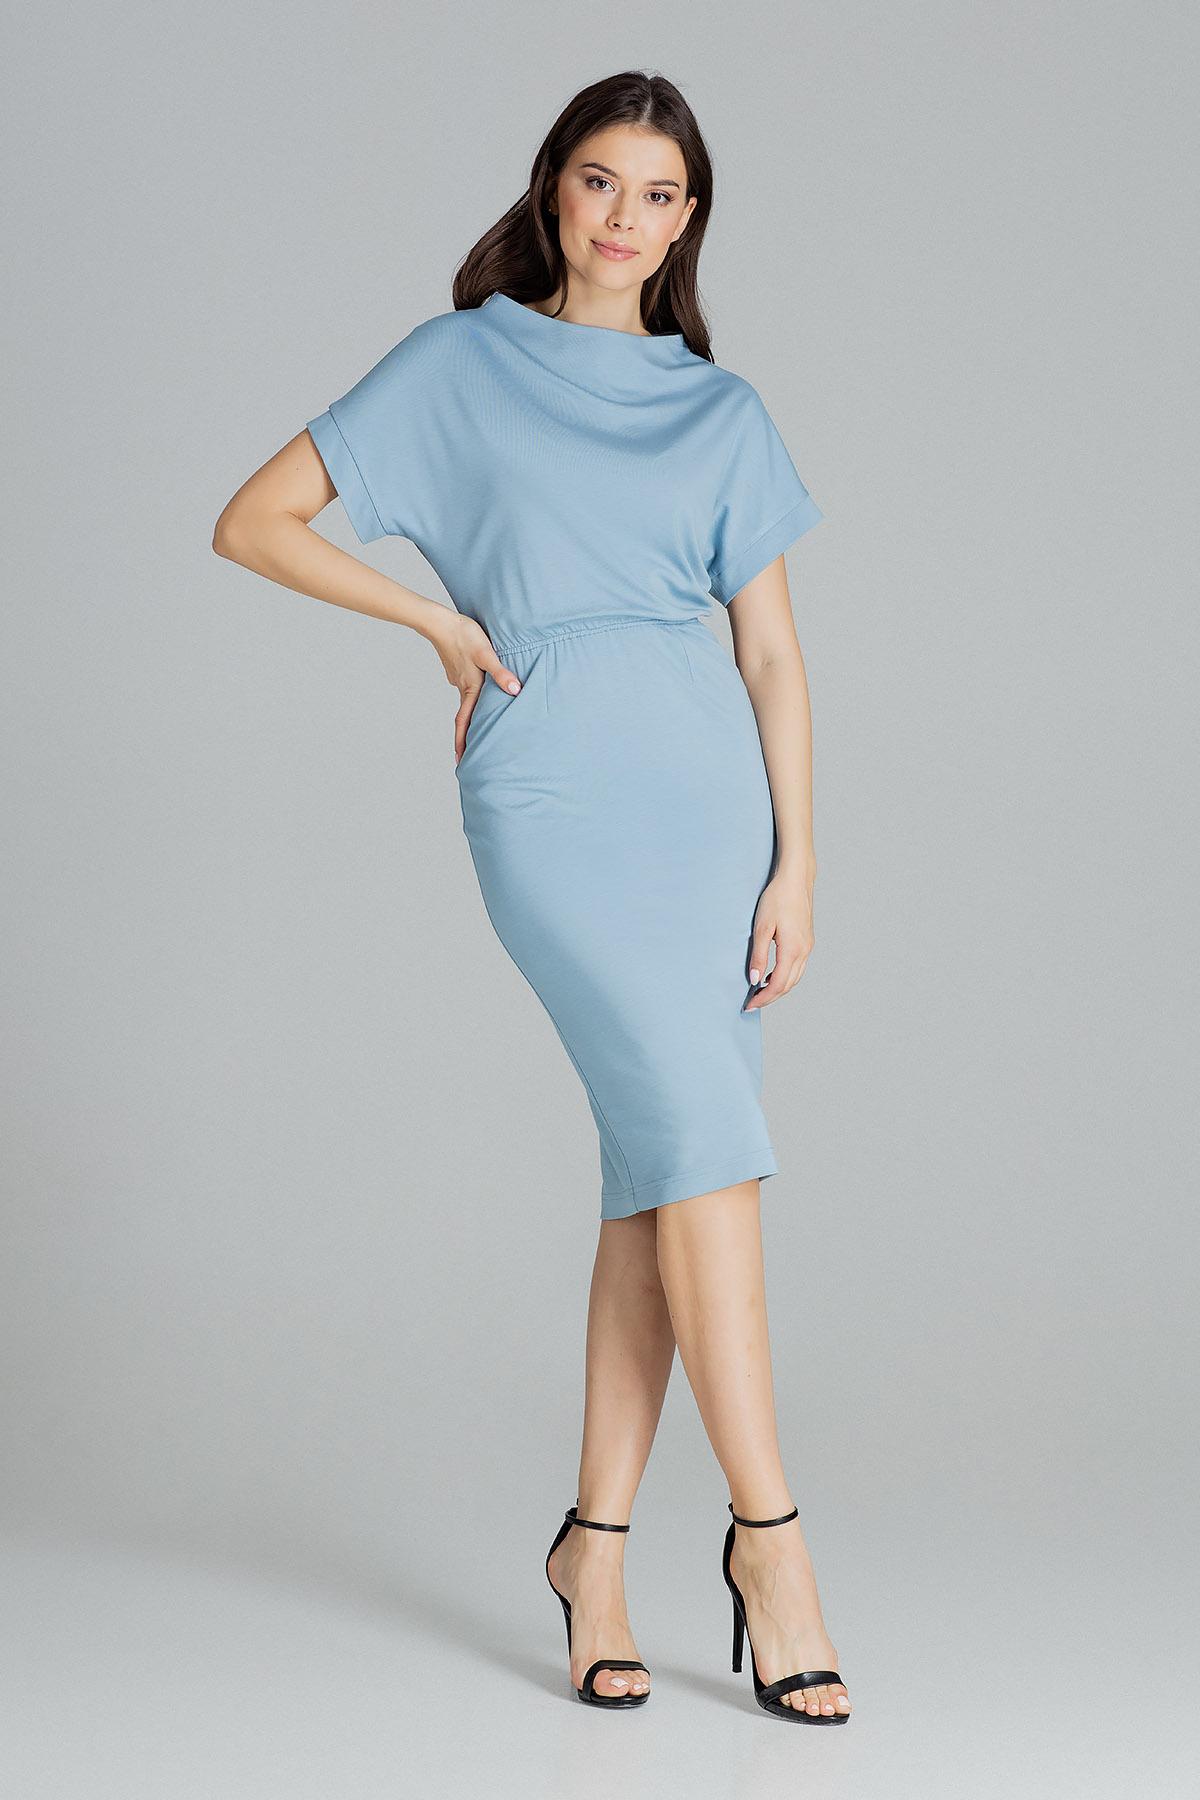 Blå kortärmad Midi-klänning